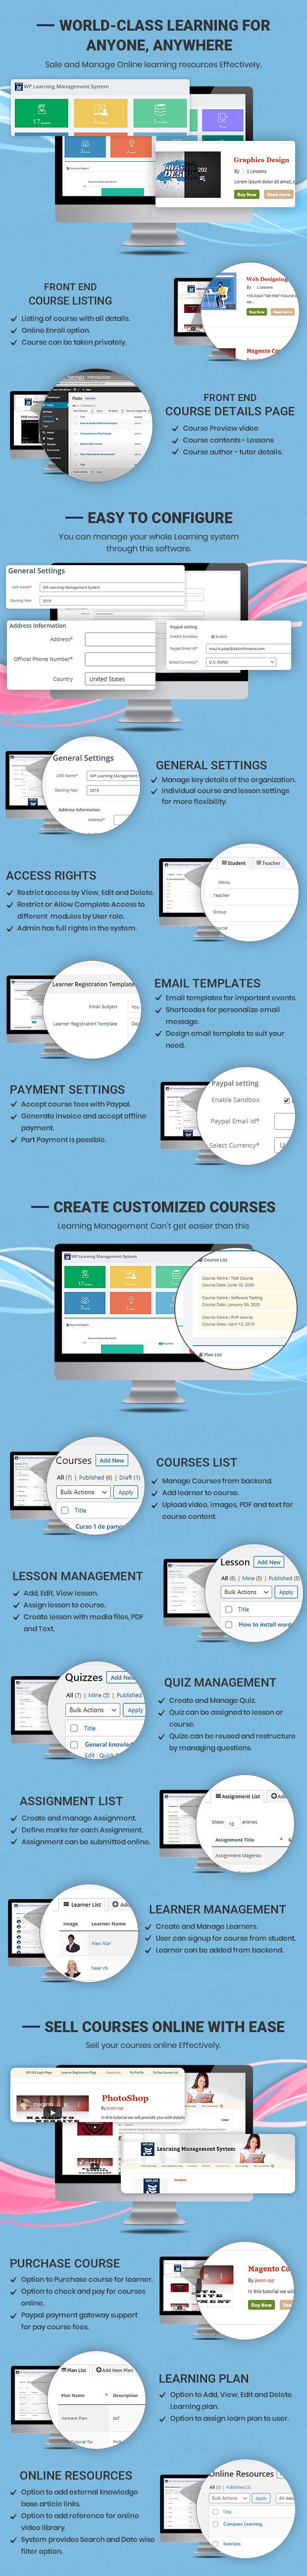 Sistema de gestão de aprendizagem